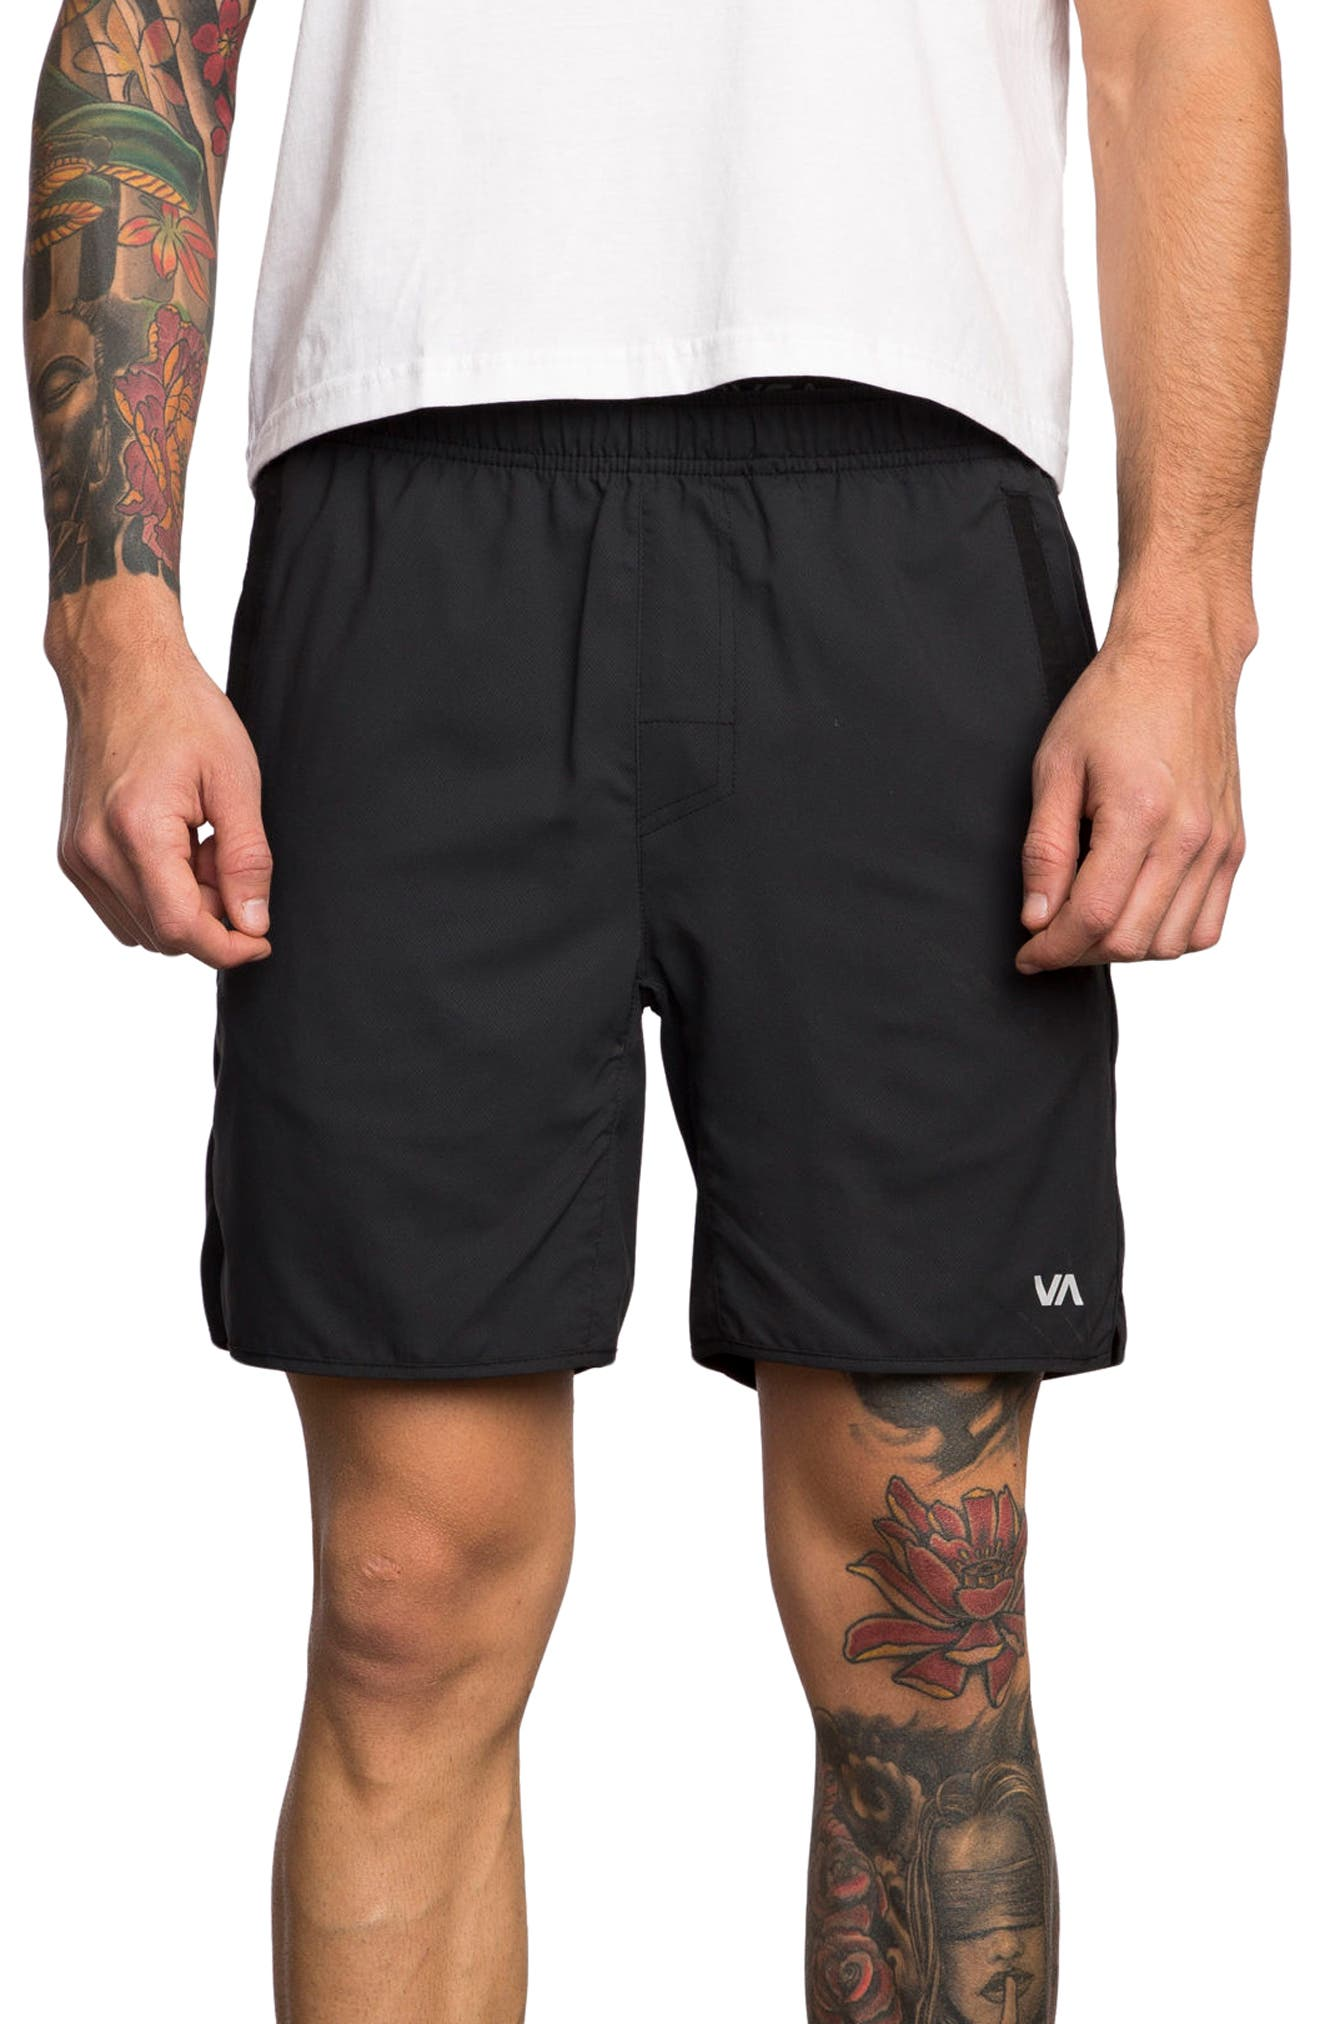 Yogger III Athletic Shorts,                             Main thumbnail 1, color,                             001